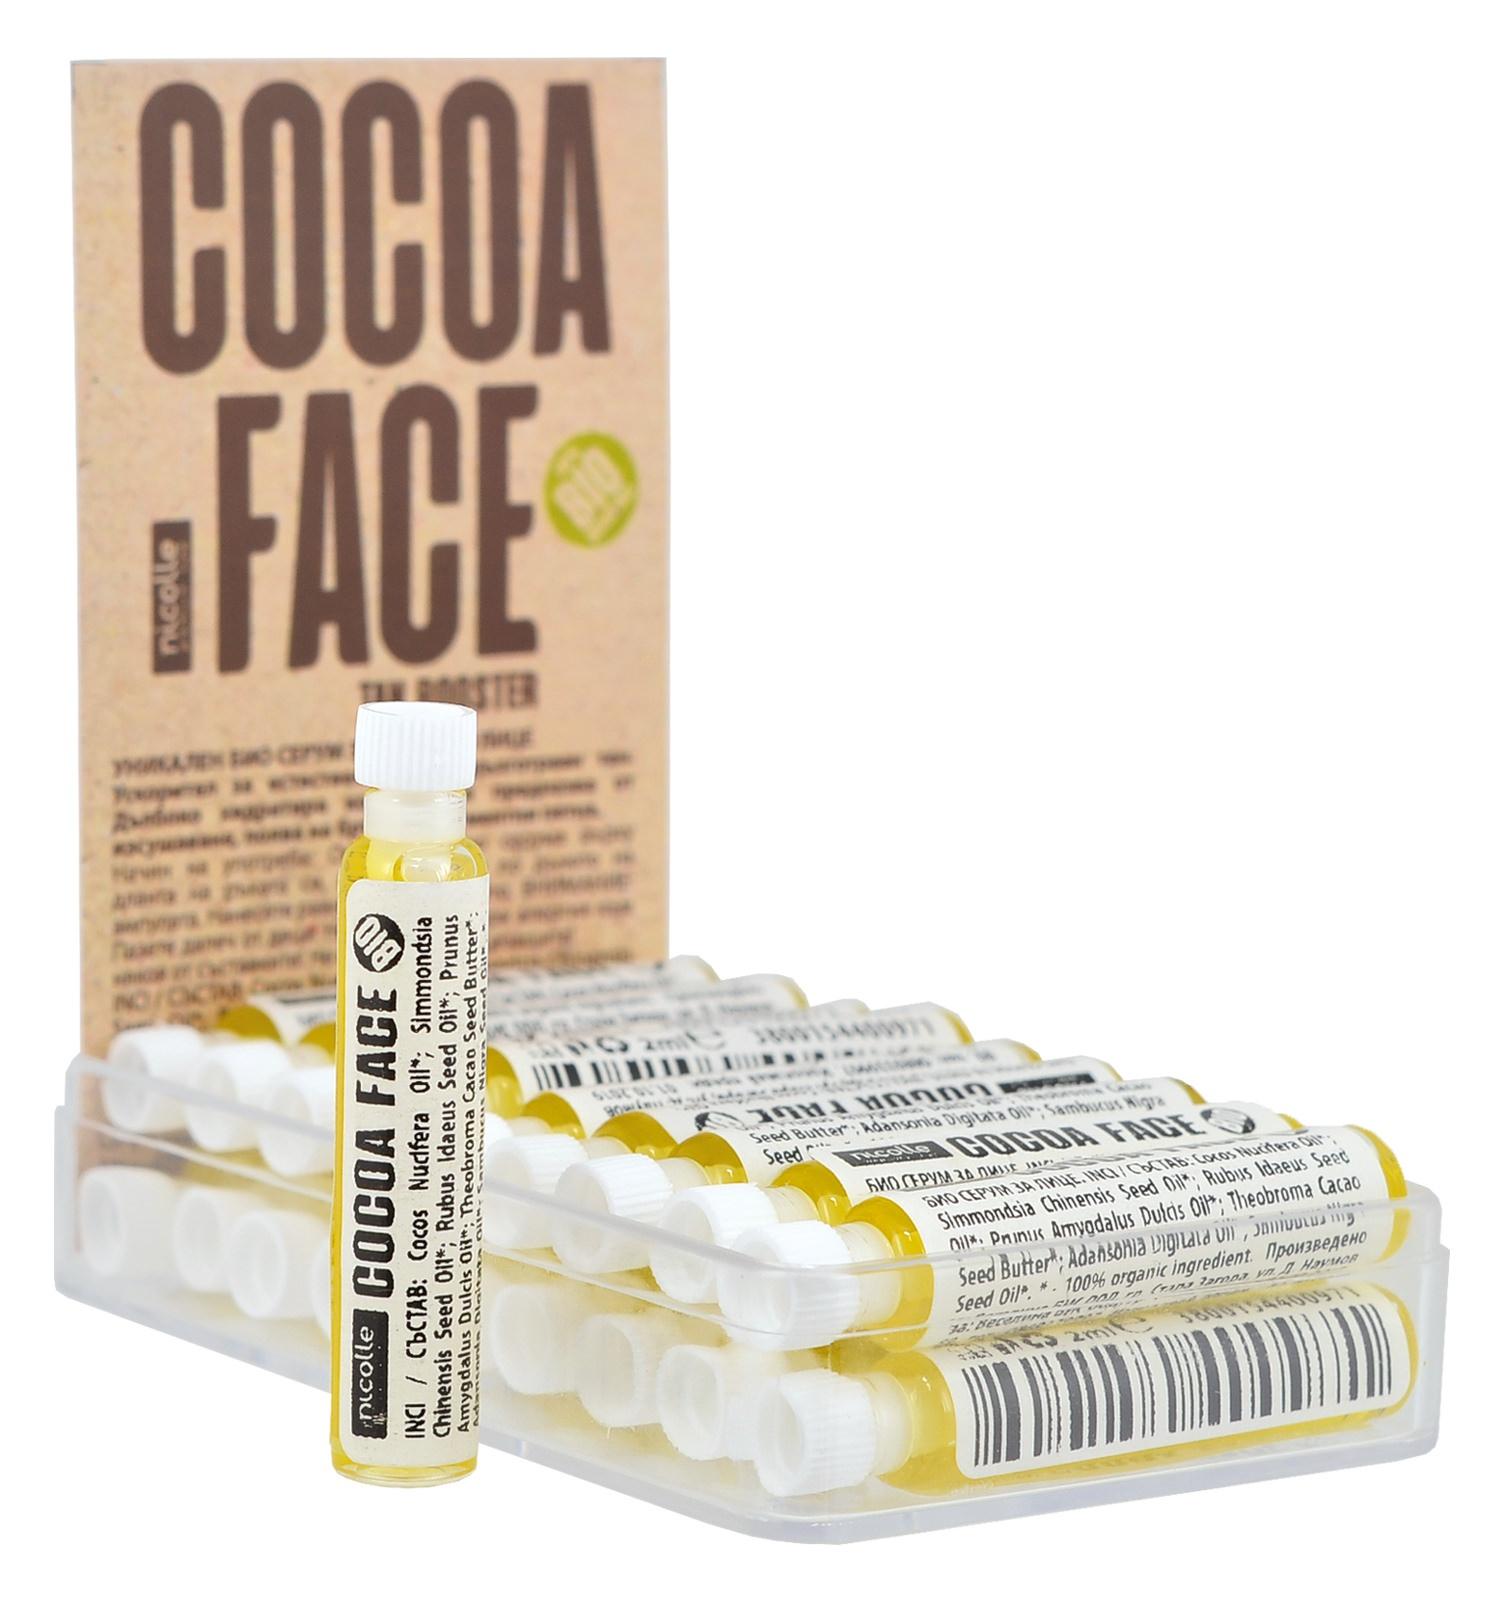 Nicolle Cocoa Face Bio Oil